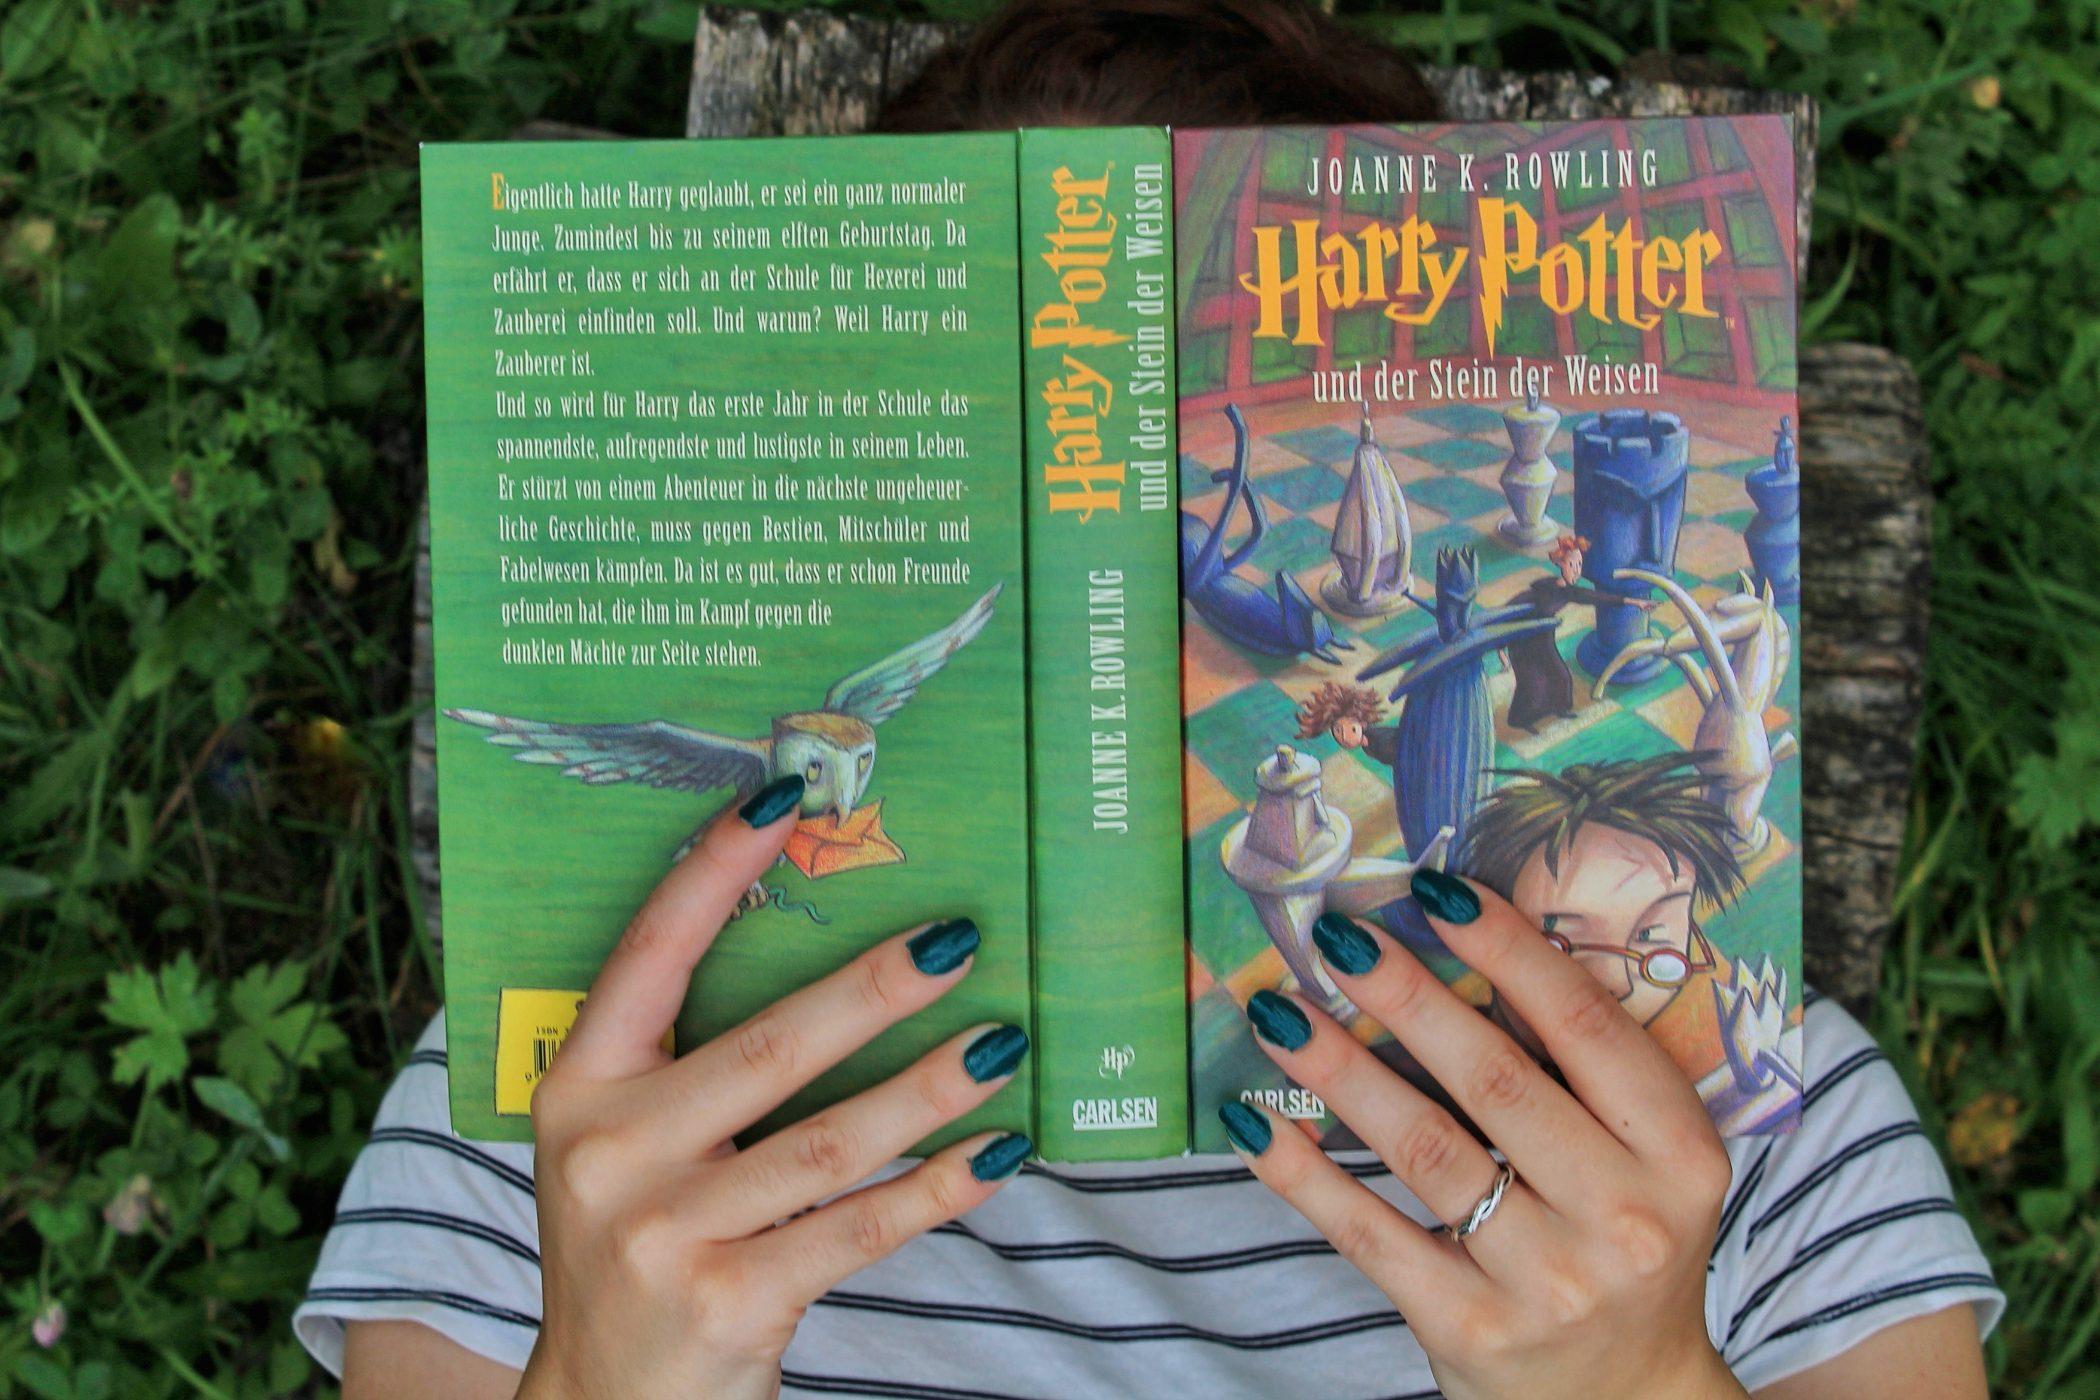 Herzenswelten Harry Potter Stein der Weisen